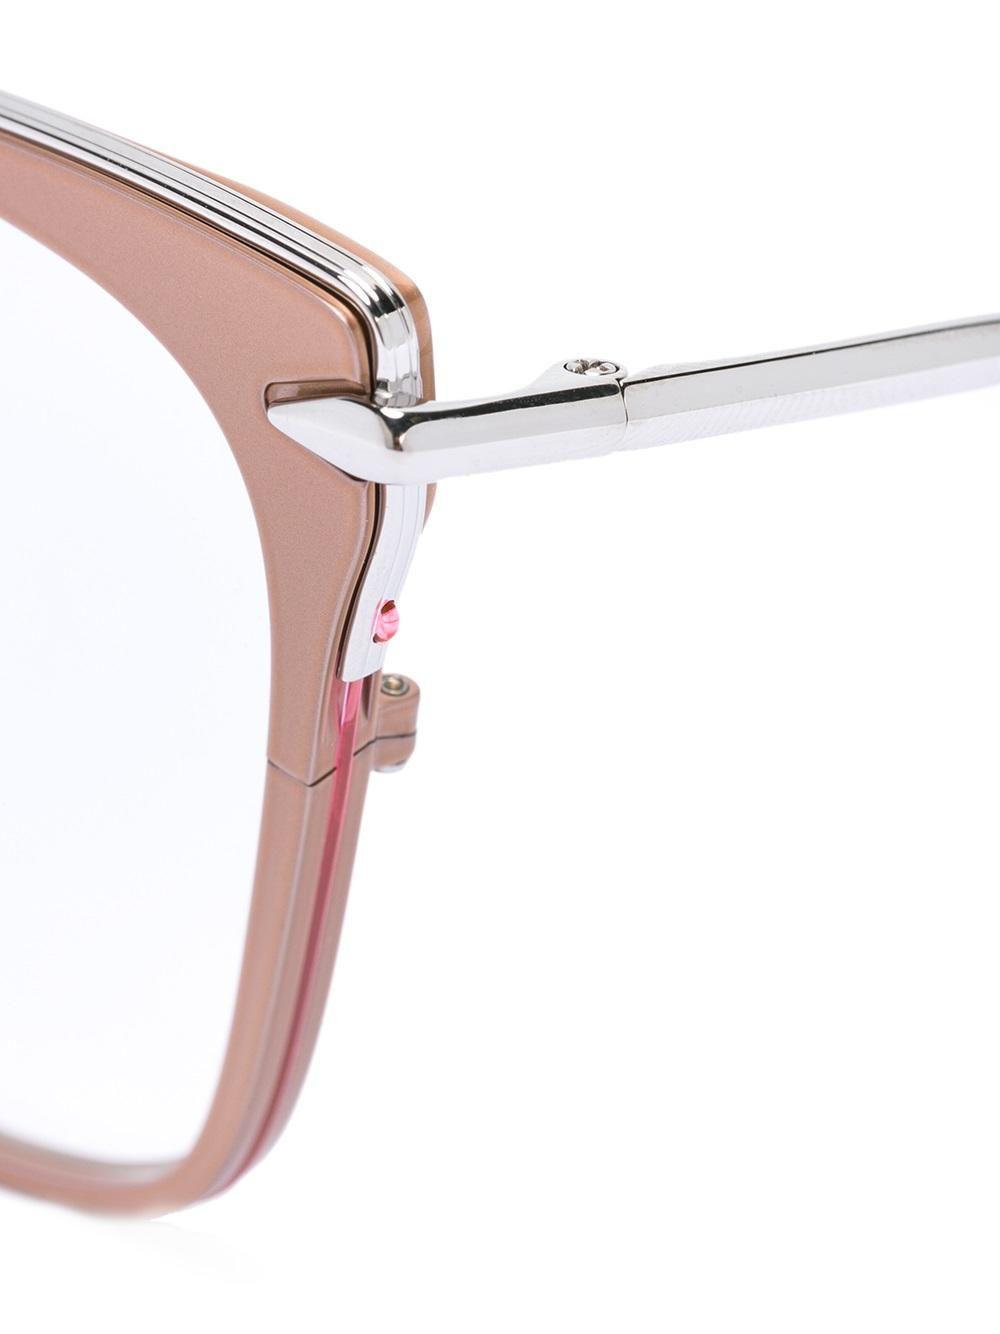 71bf1c8efa Dita Eyewear Arise glasses